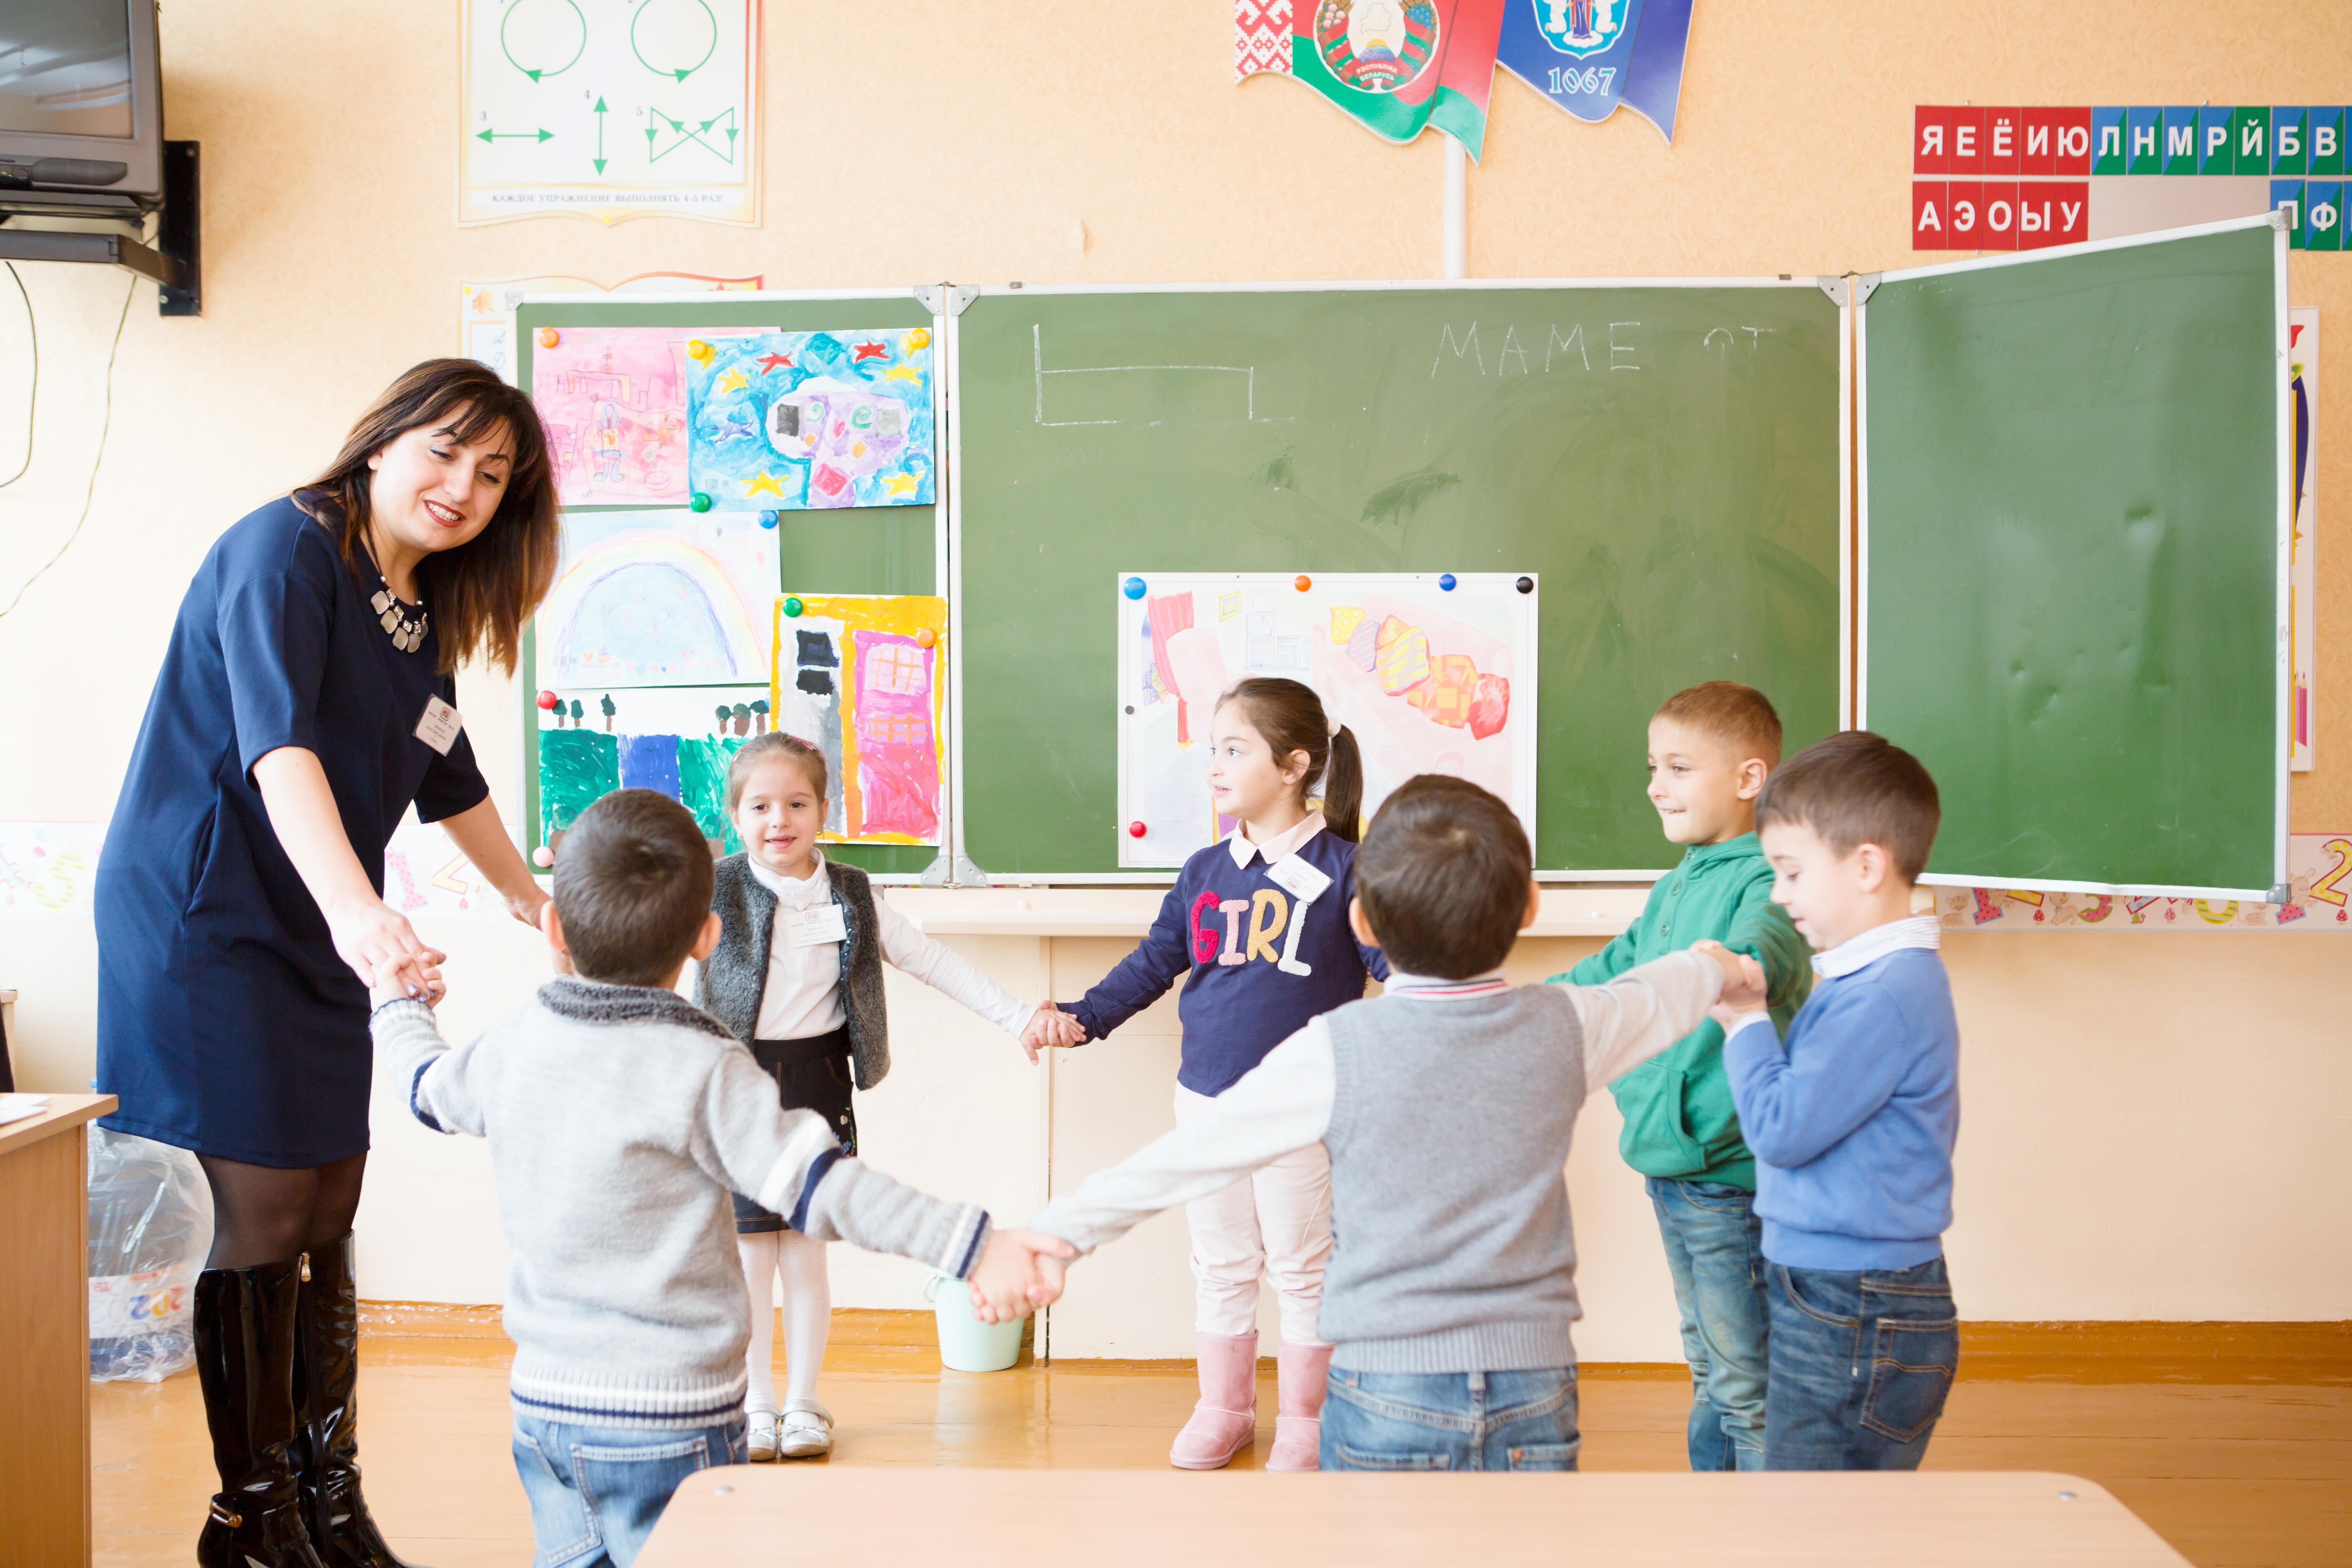 Диана Барсегян и ее ученики